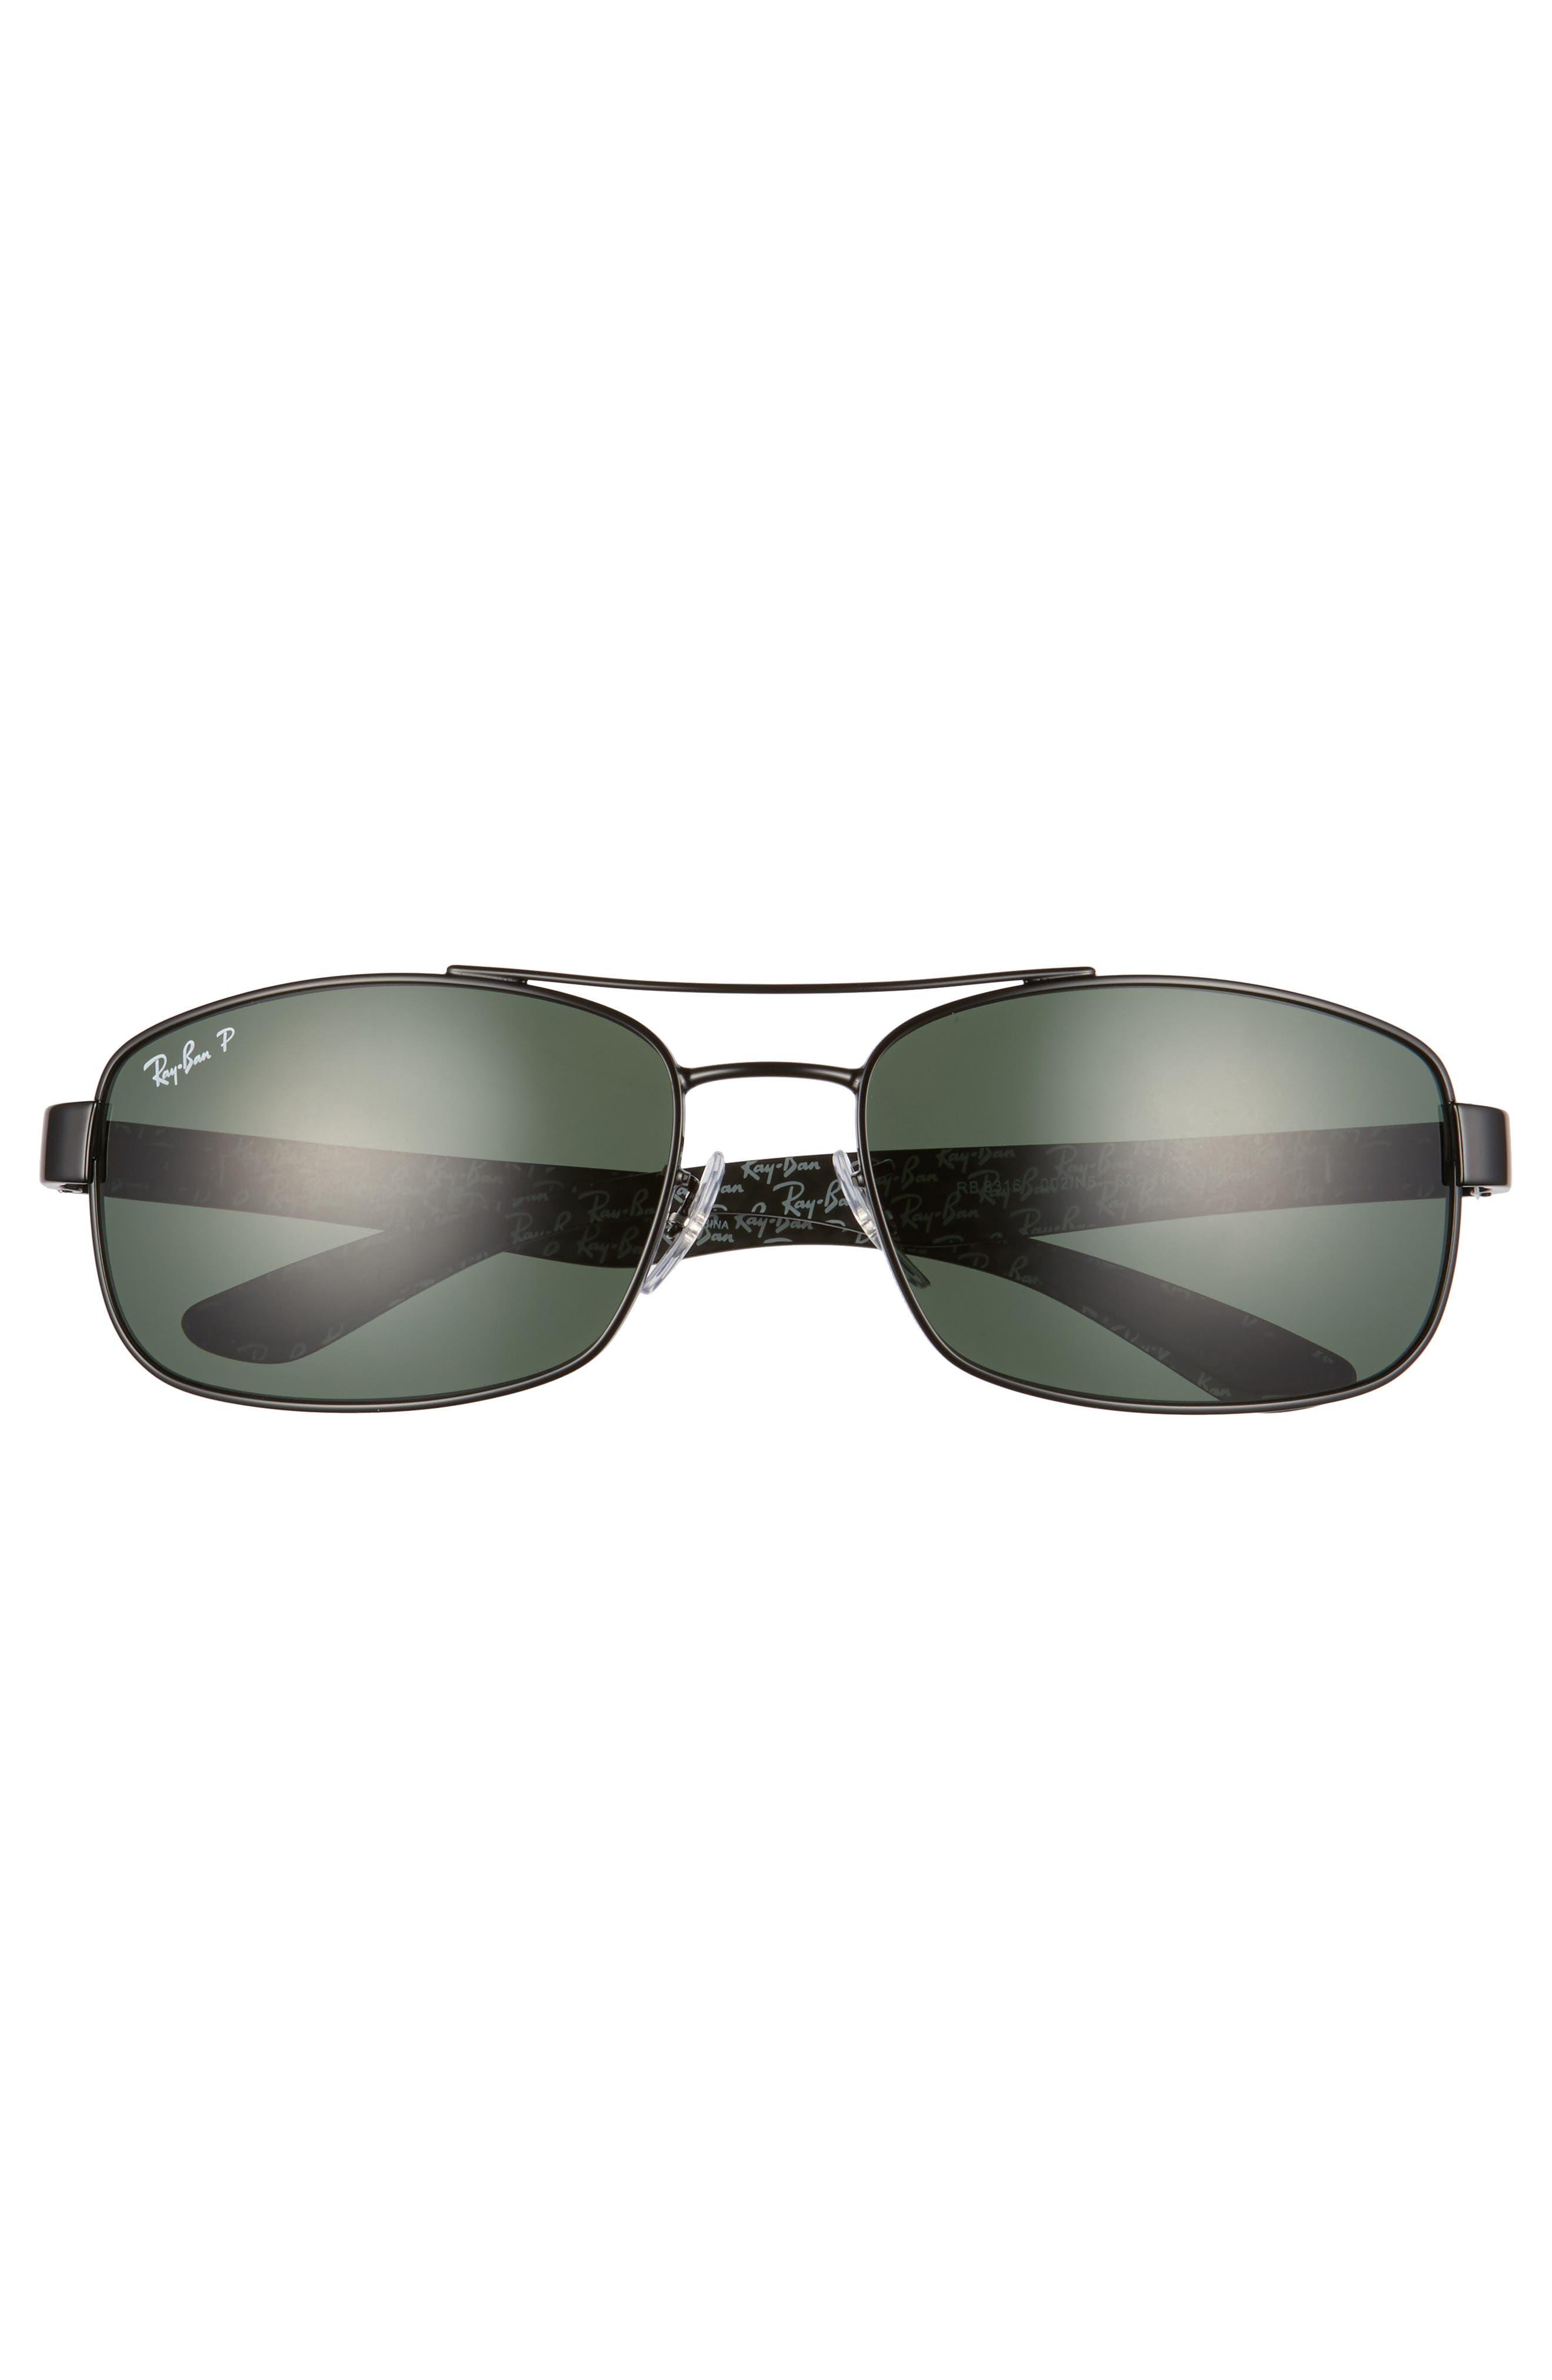 62mm Polarized Sunglasses,                             Alternate thumbnail 3, color,                             BLACK/ GREEN P